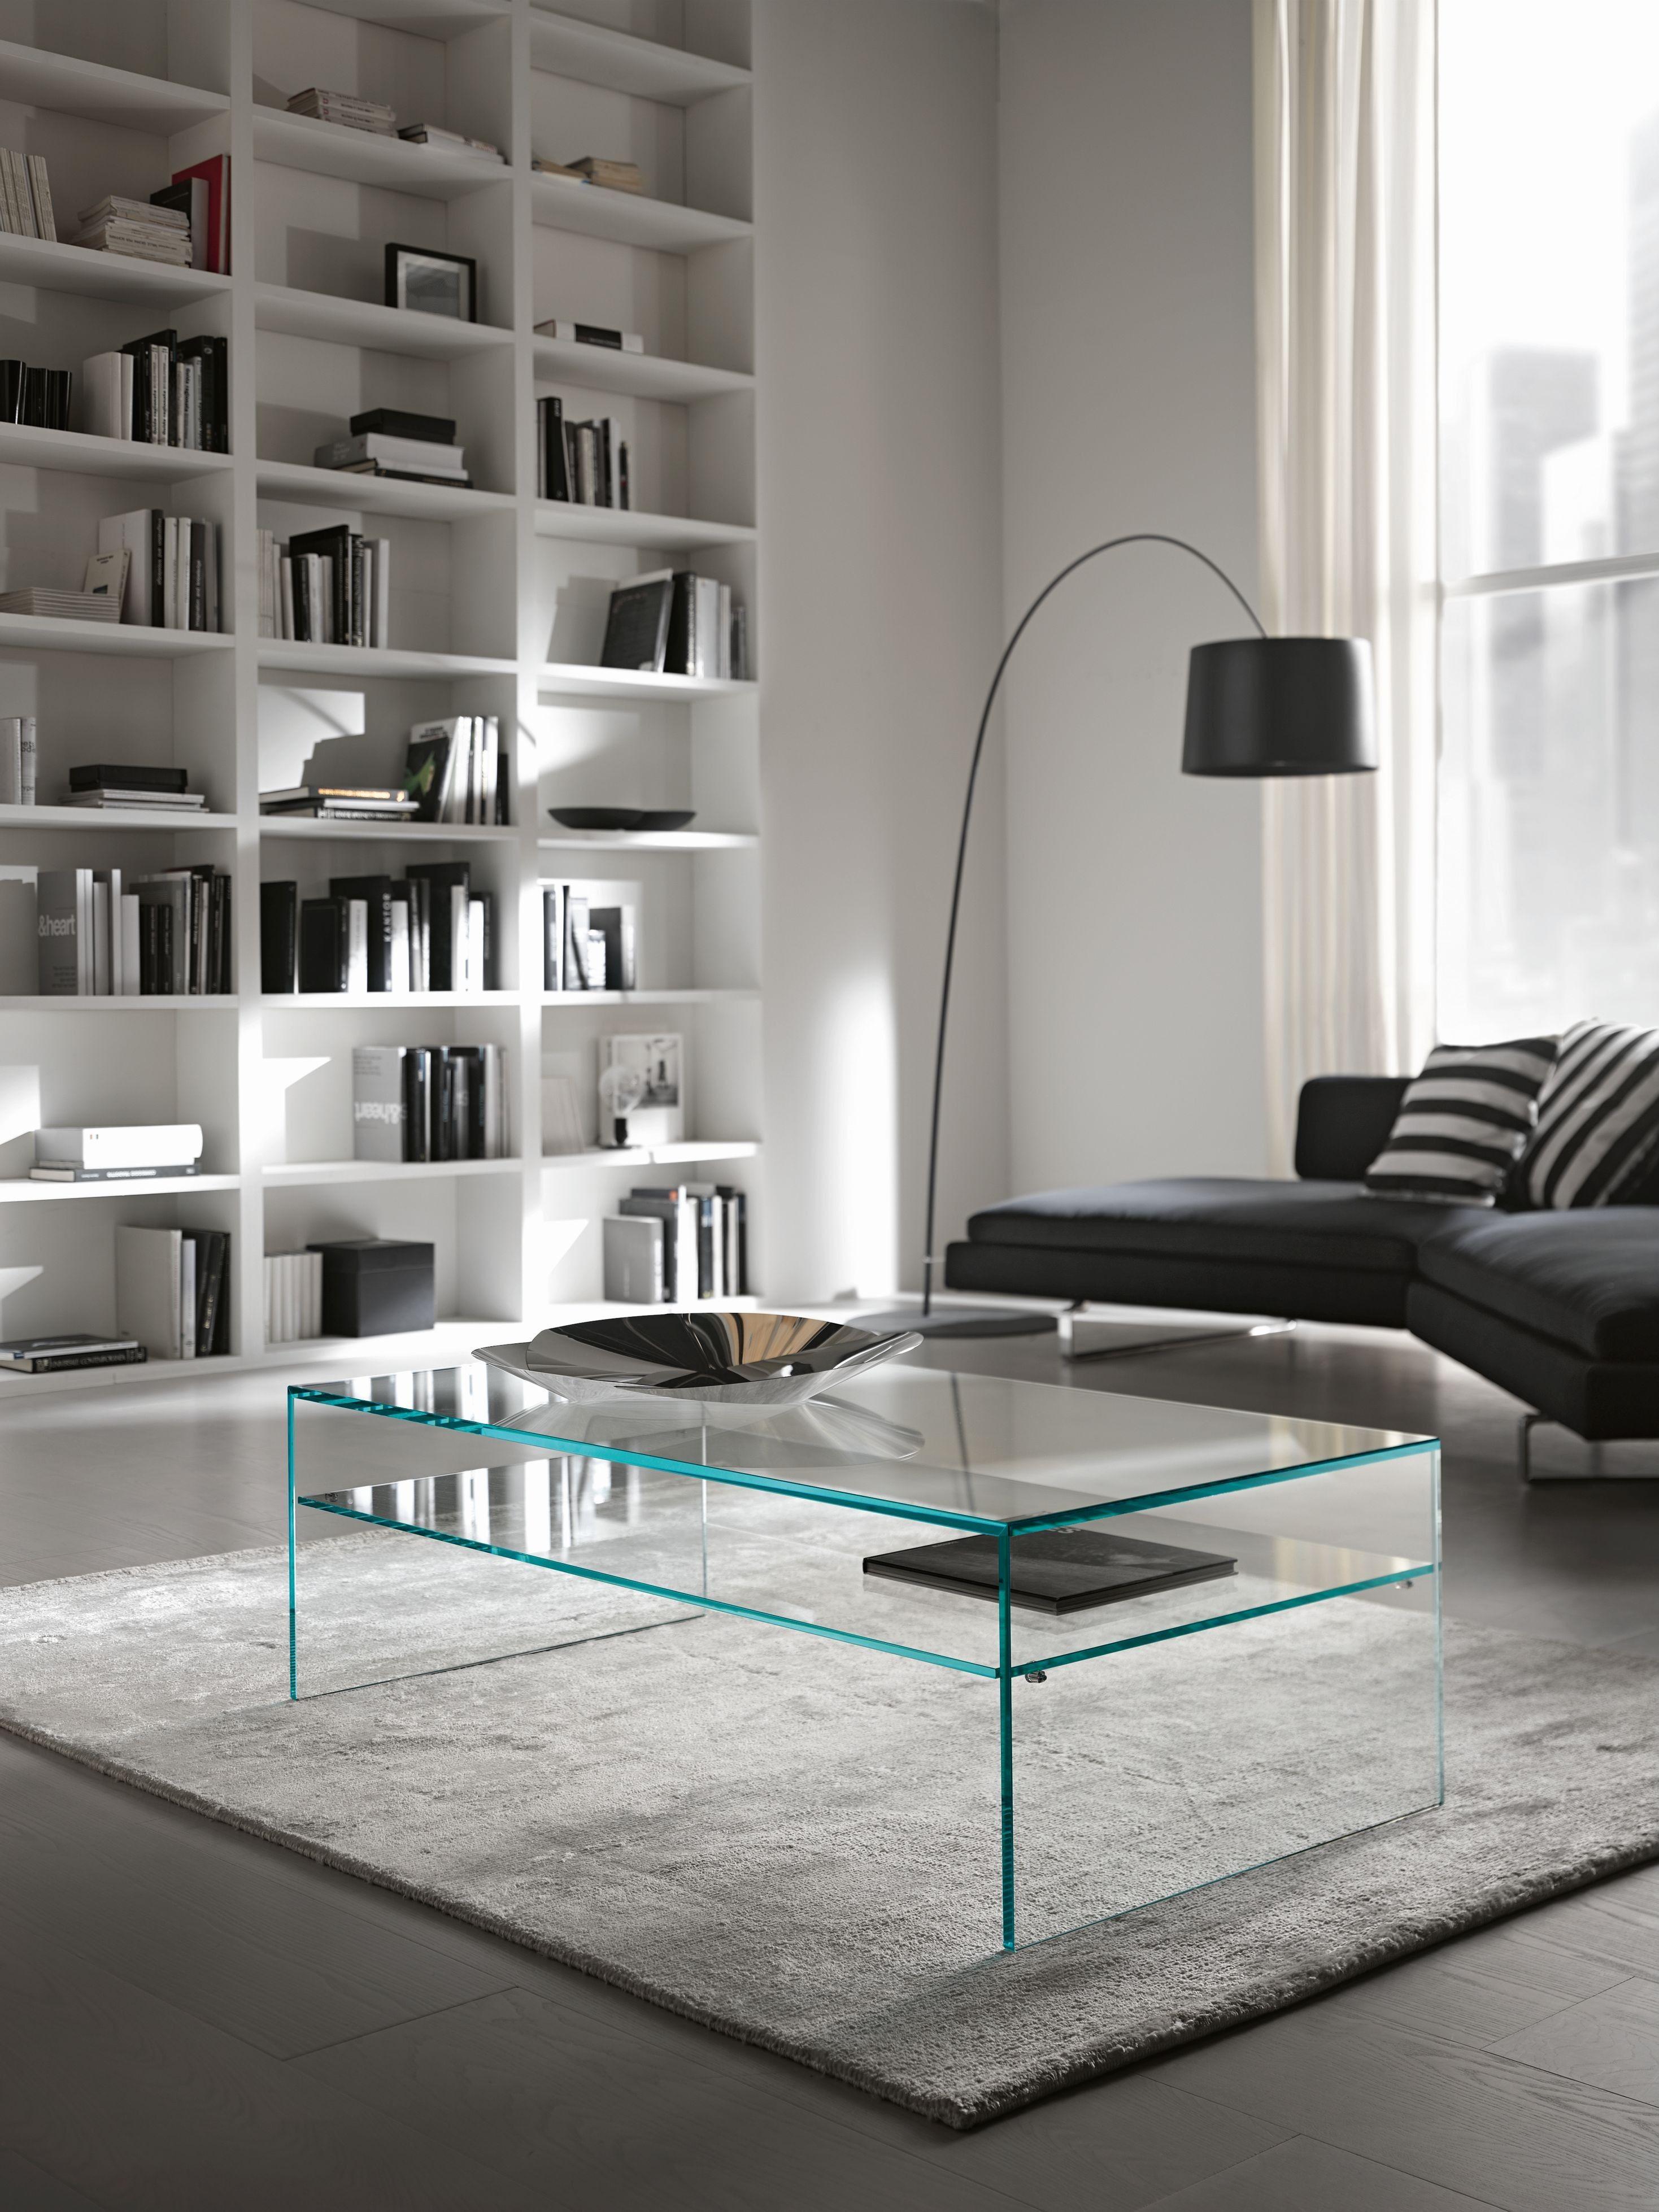 Inside Design Salontafel.Tonelli Fratina 2 Salontafel Coffee Table Design Modern Glass